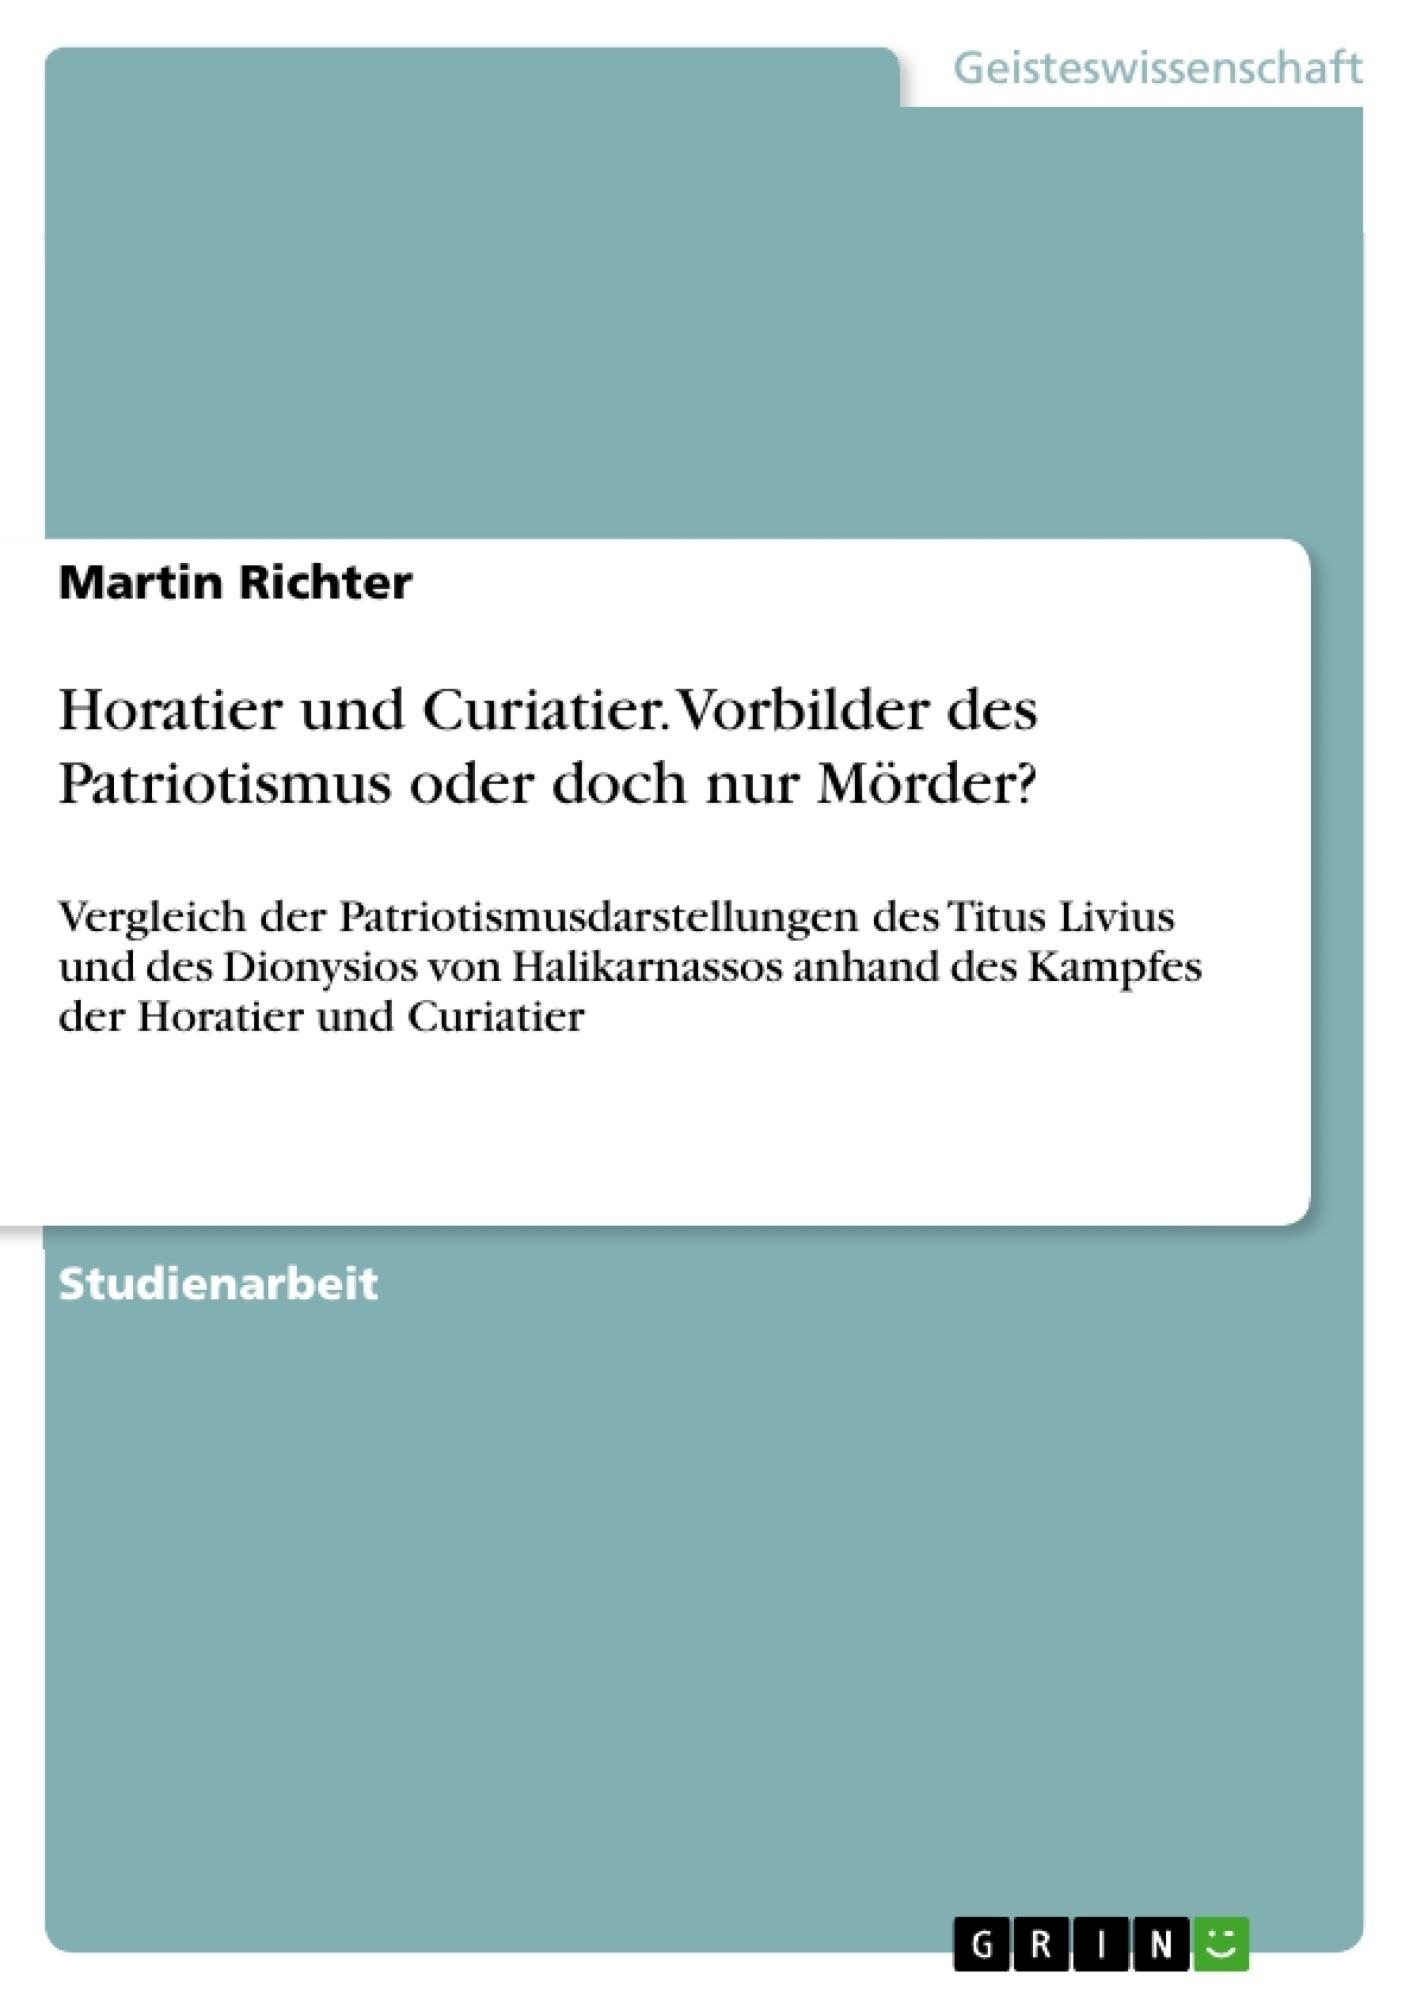 Titel: Horatier und Curiatier. Vorbilder des Patriotismus oder doch nur Mörder?